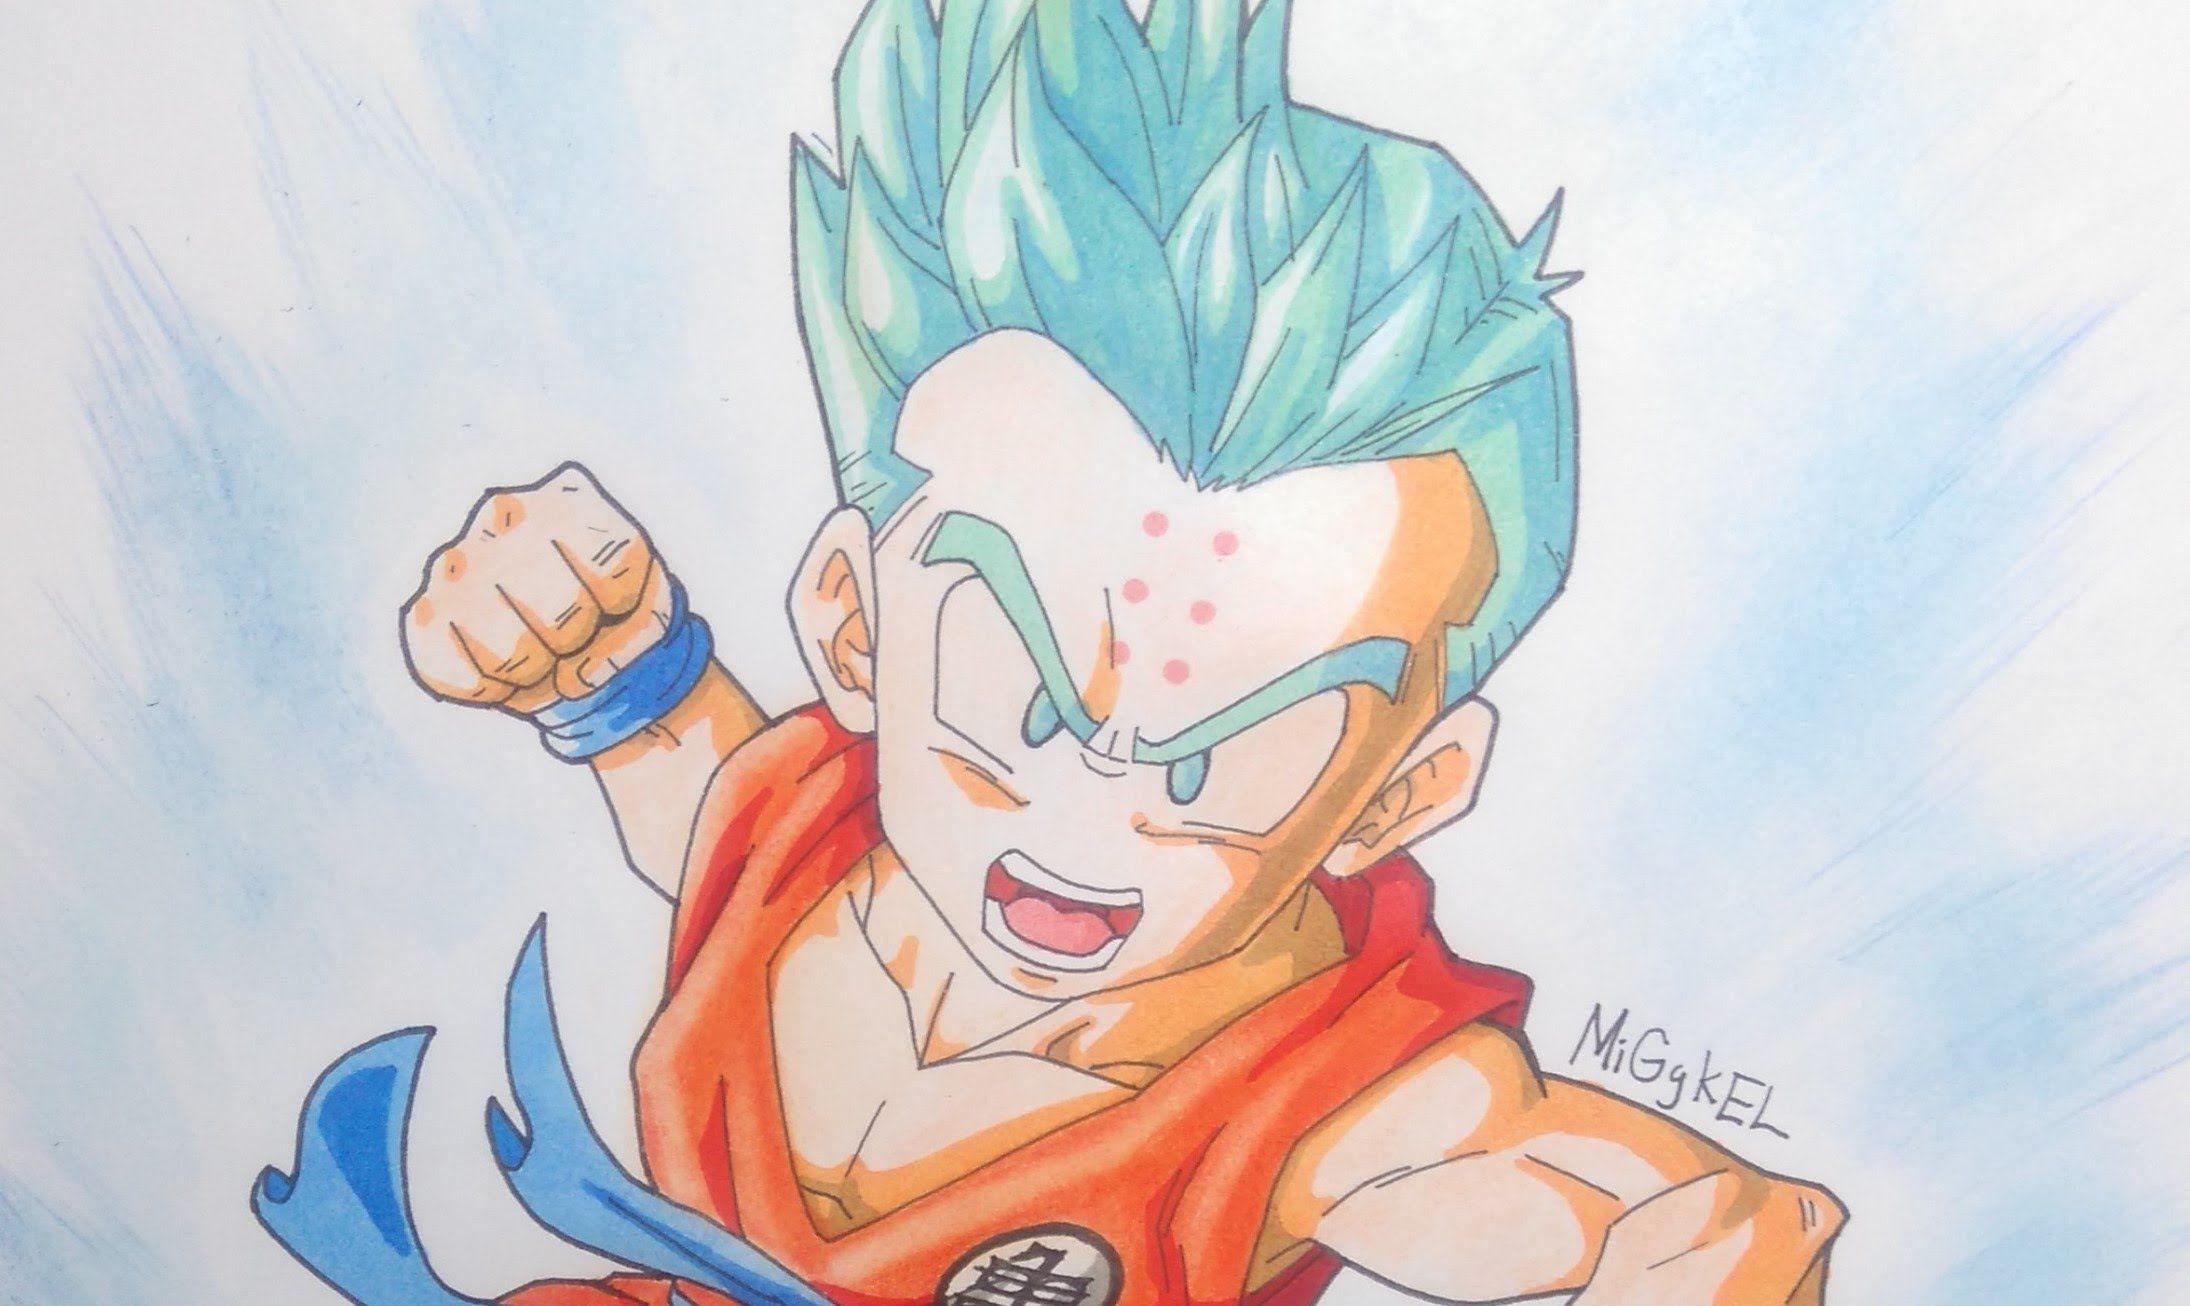 Goku Super Sayayin Dios Azul Para Colorear: Dibujando Krilin Super Saiyan Dios Pelo Azul RETO Con